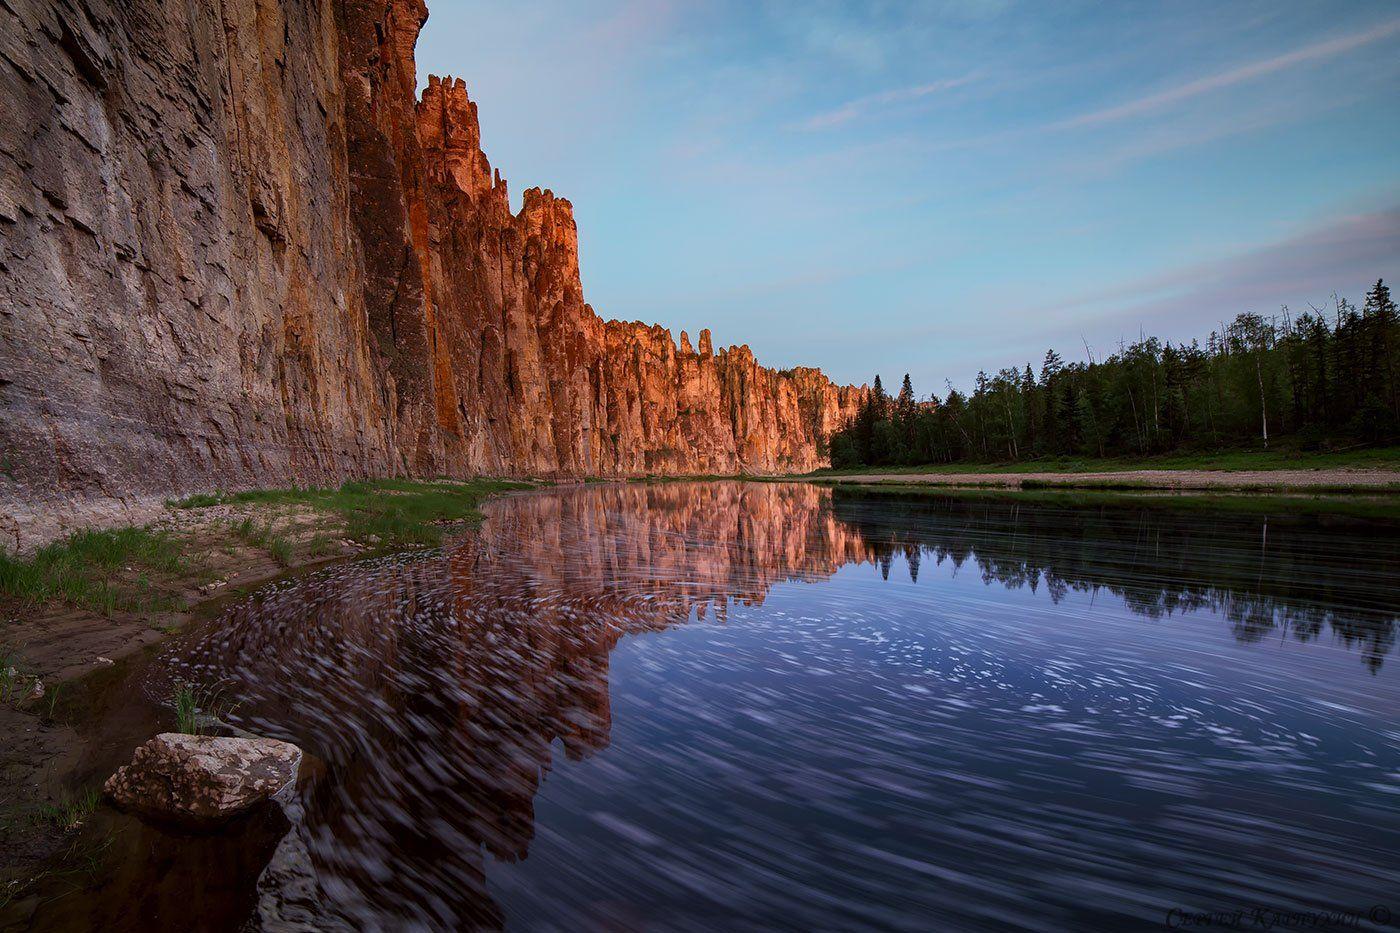 якутия, река синяя, синские столбы, Сергей Карпухин